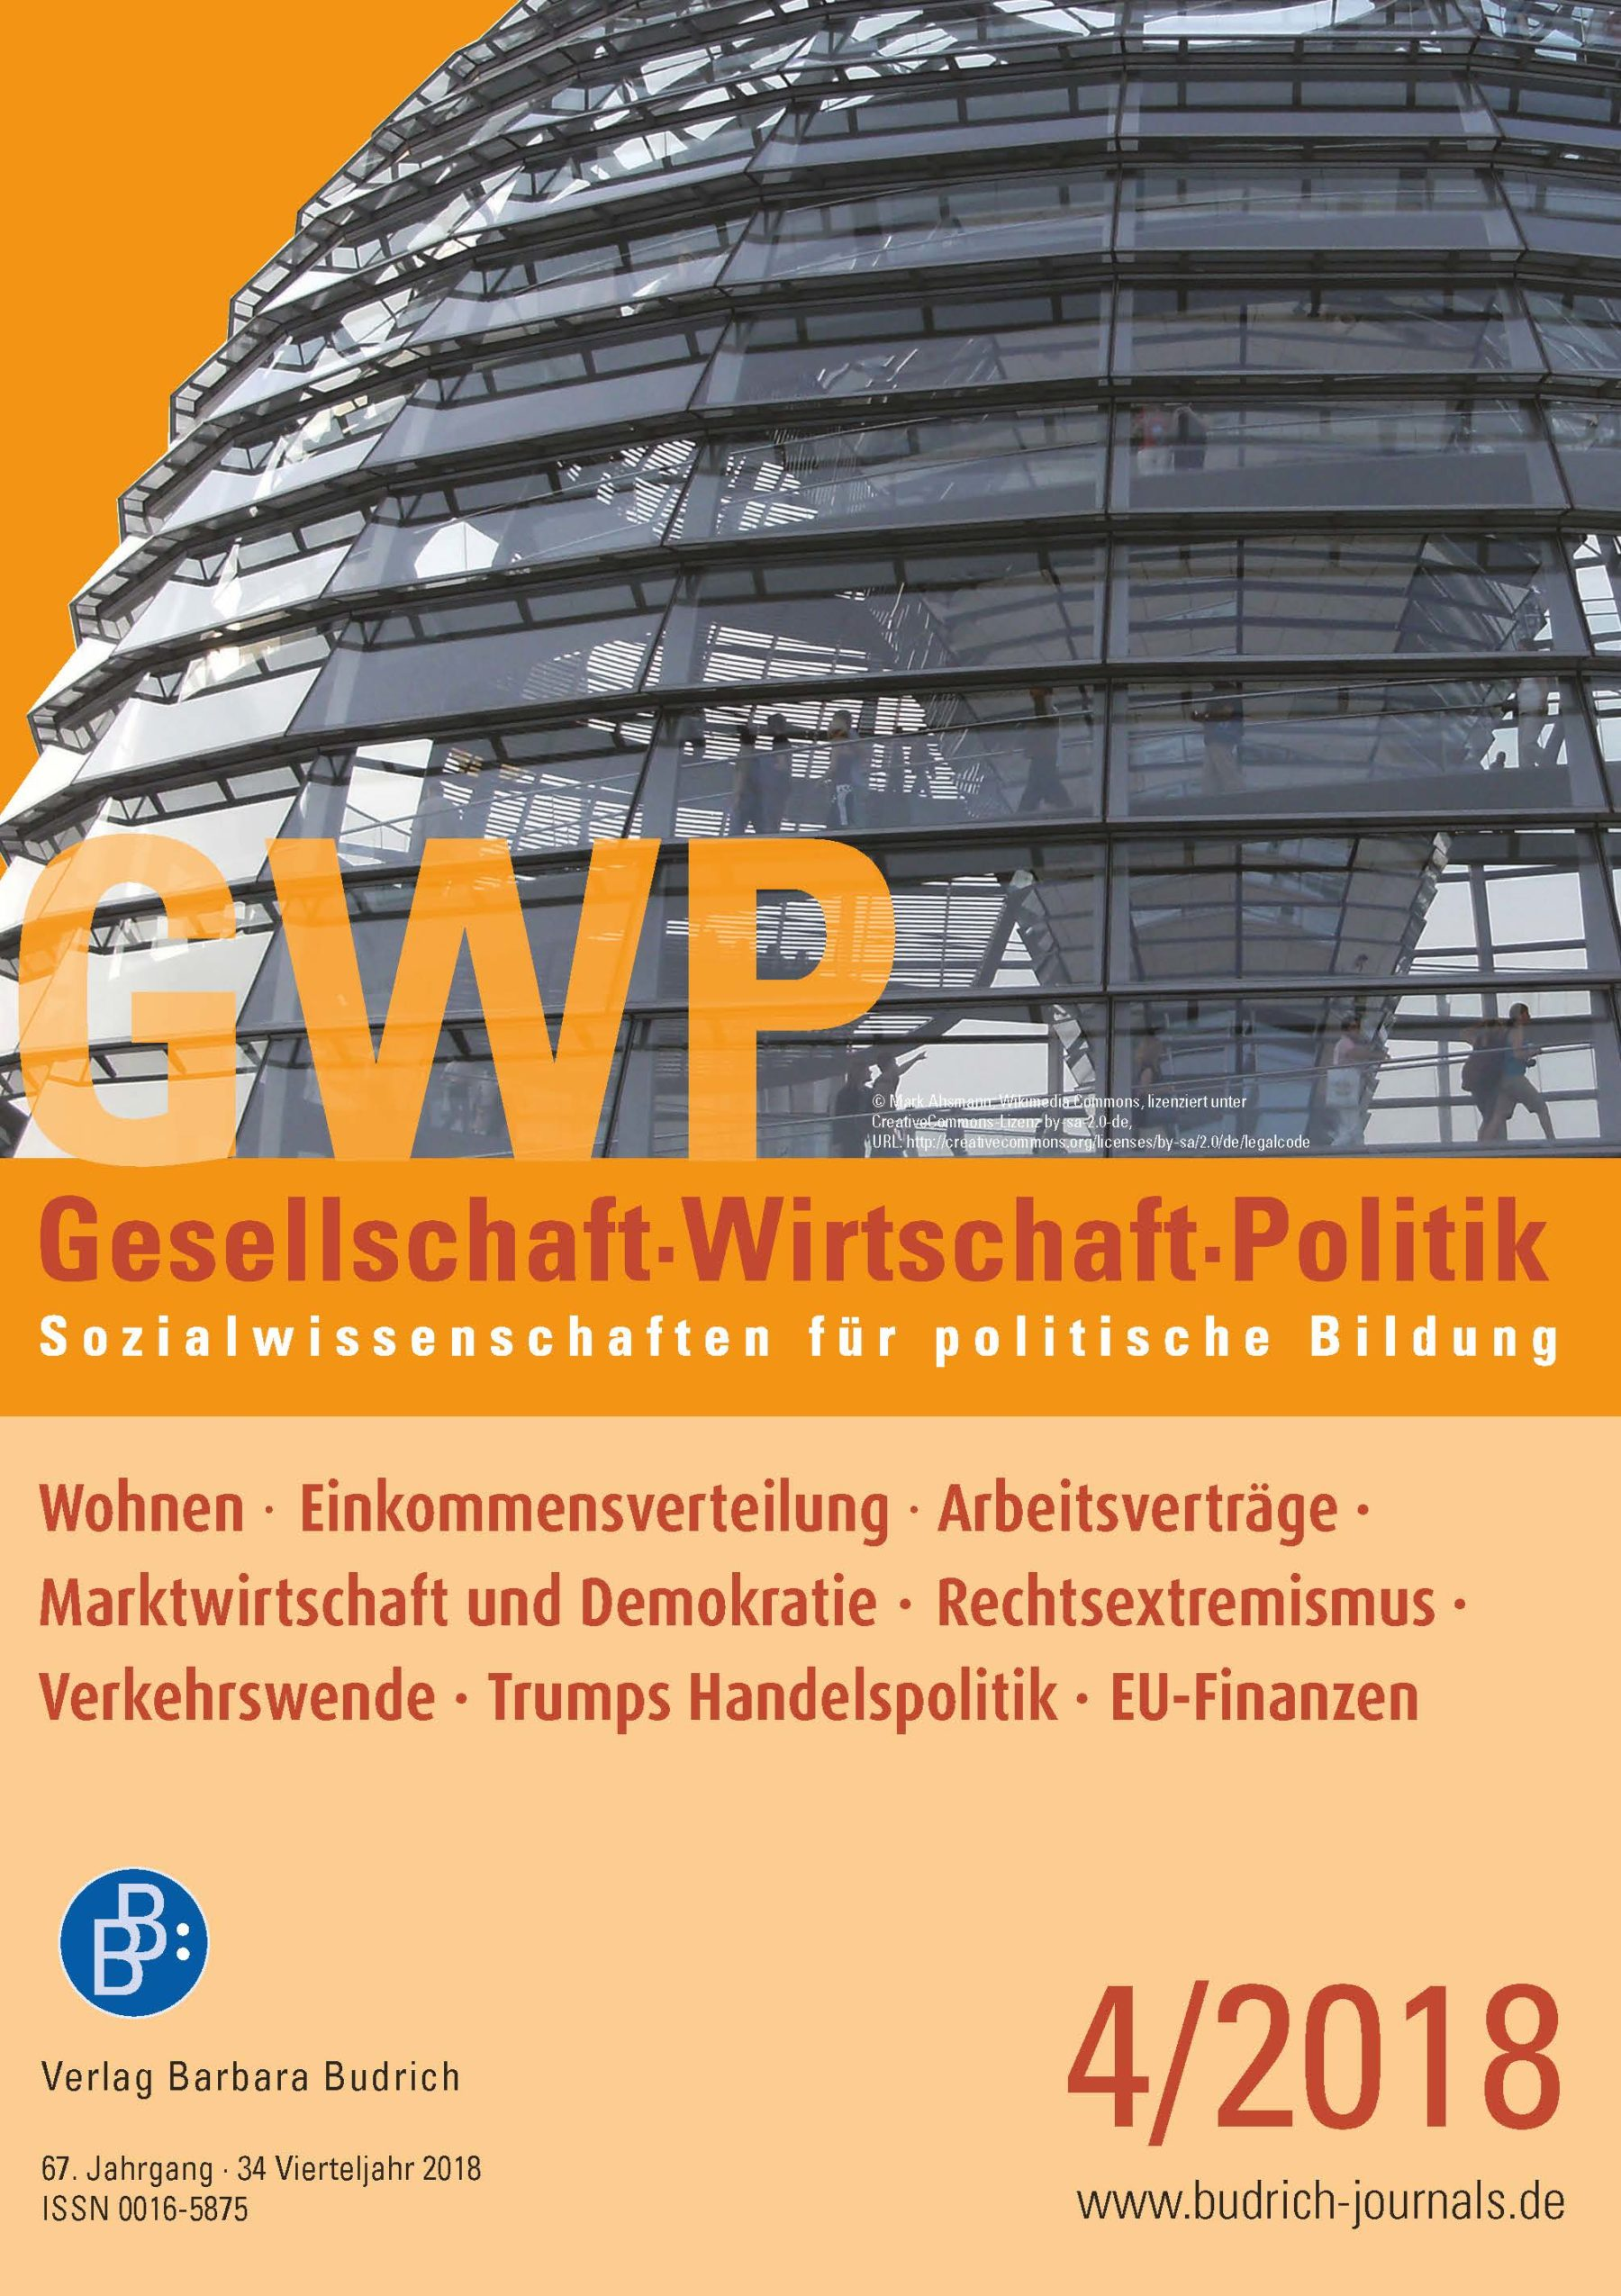 GWP 4-2018 | Wohnen · Einkommensverteilung · Arbeitsverträge · Marktwirtschaft und Demokratie · Rechtsextremismus · Verkehrswende · Trumps Handelspolitik · EU-Finanzen